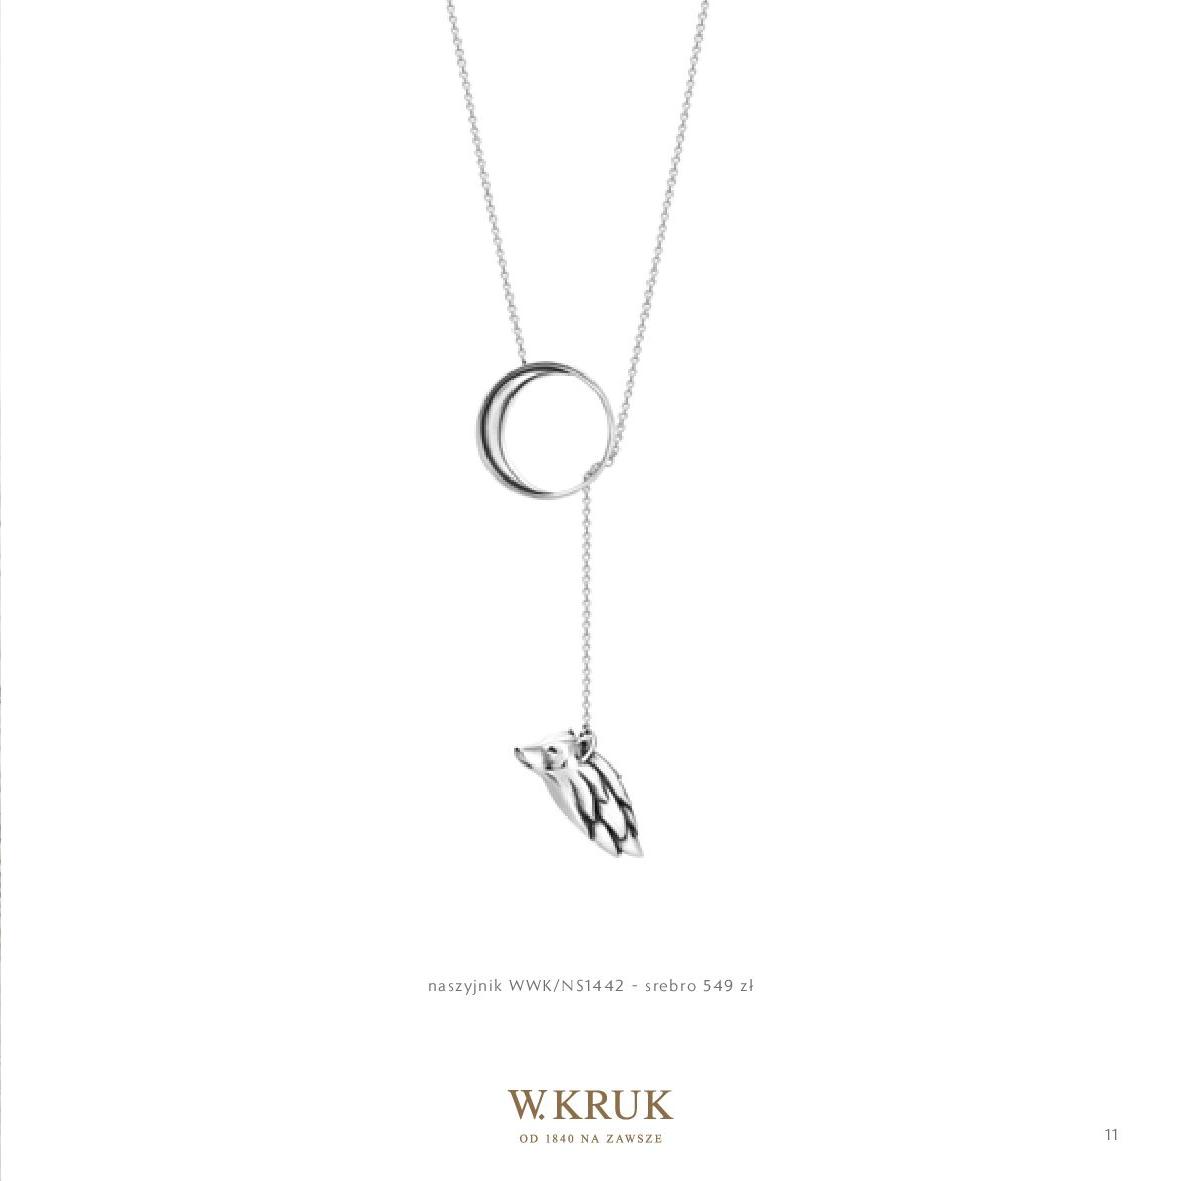 Gazetka W. KRUK: Katalog - Freedom Wolf 2021-02-17 page-13